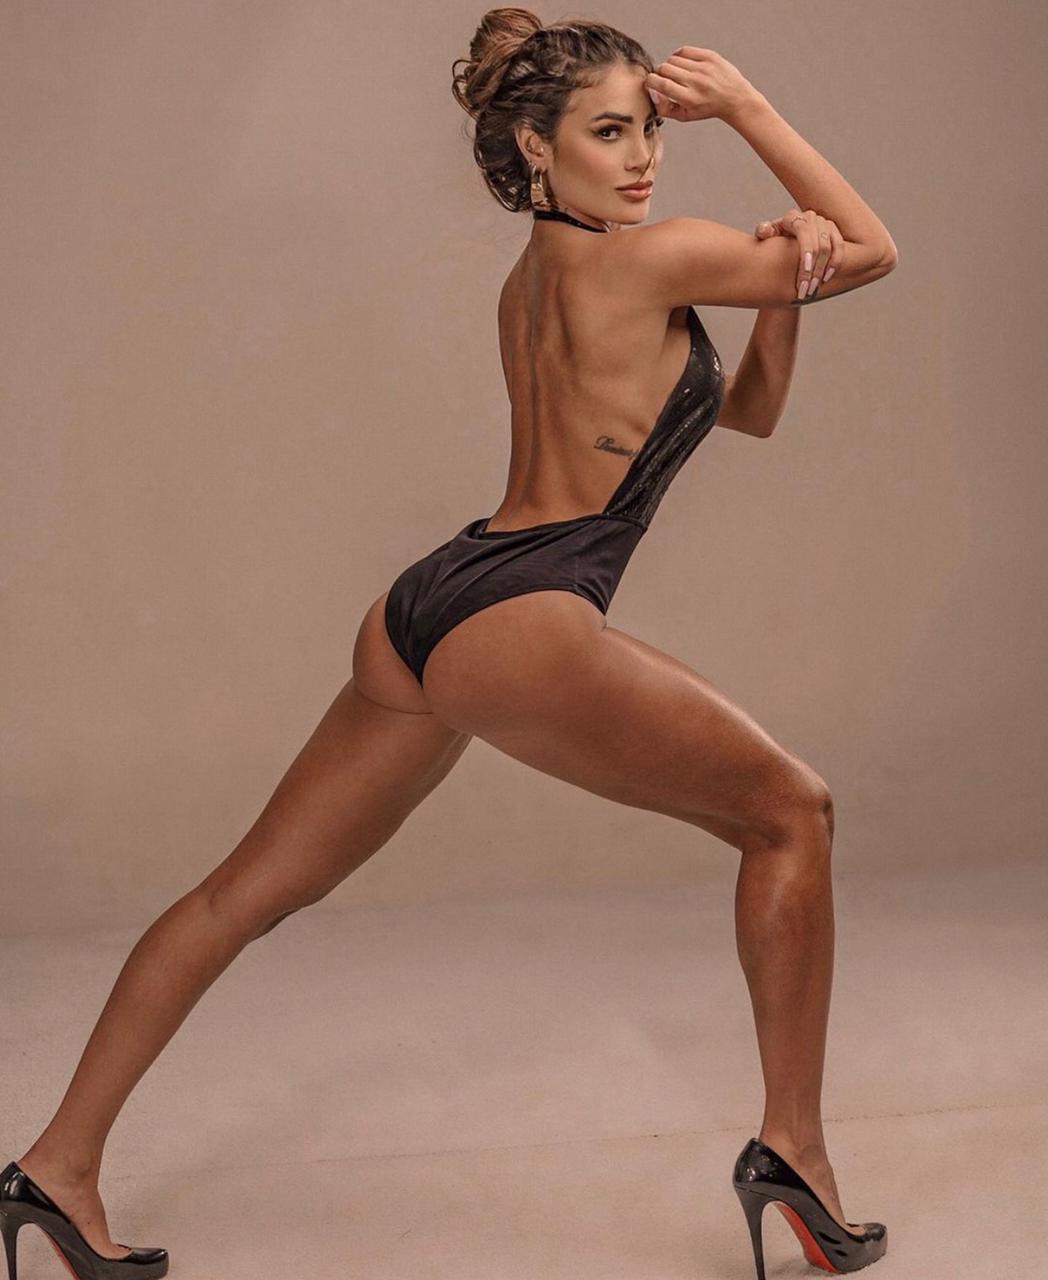 """Ex-bailarina do Faustão revela receber nudes sem pedir: """"Falta de respeito"""" (Foto: Reprodução/Instagram)"""